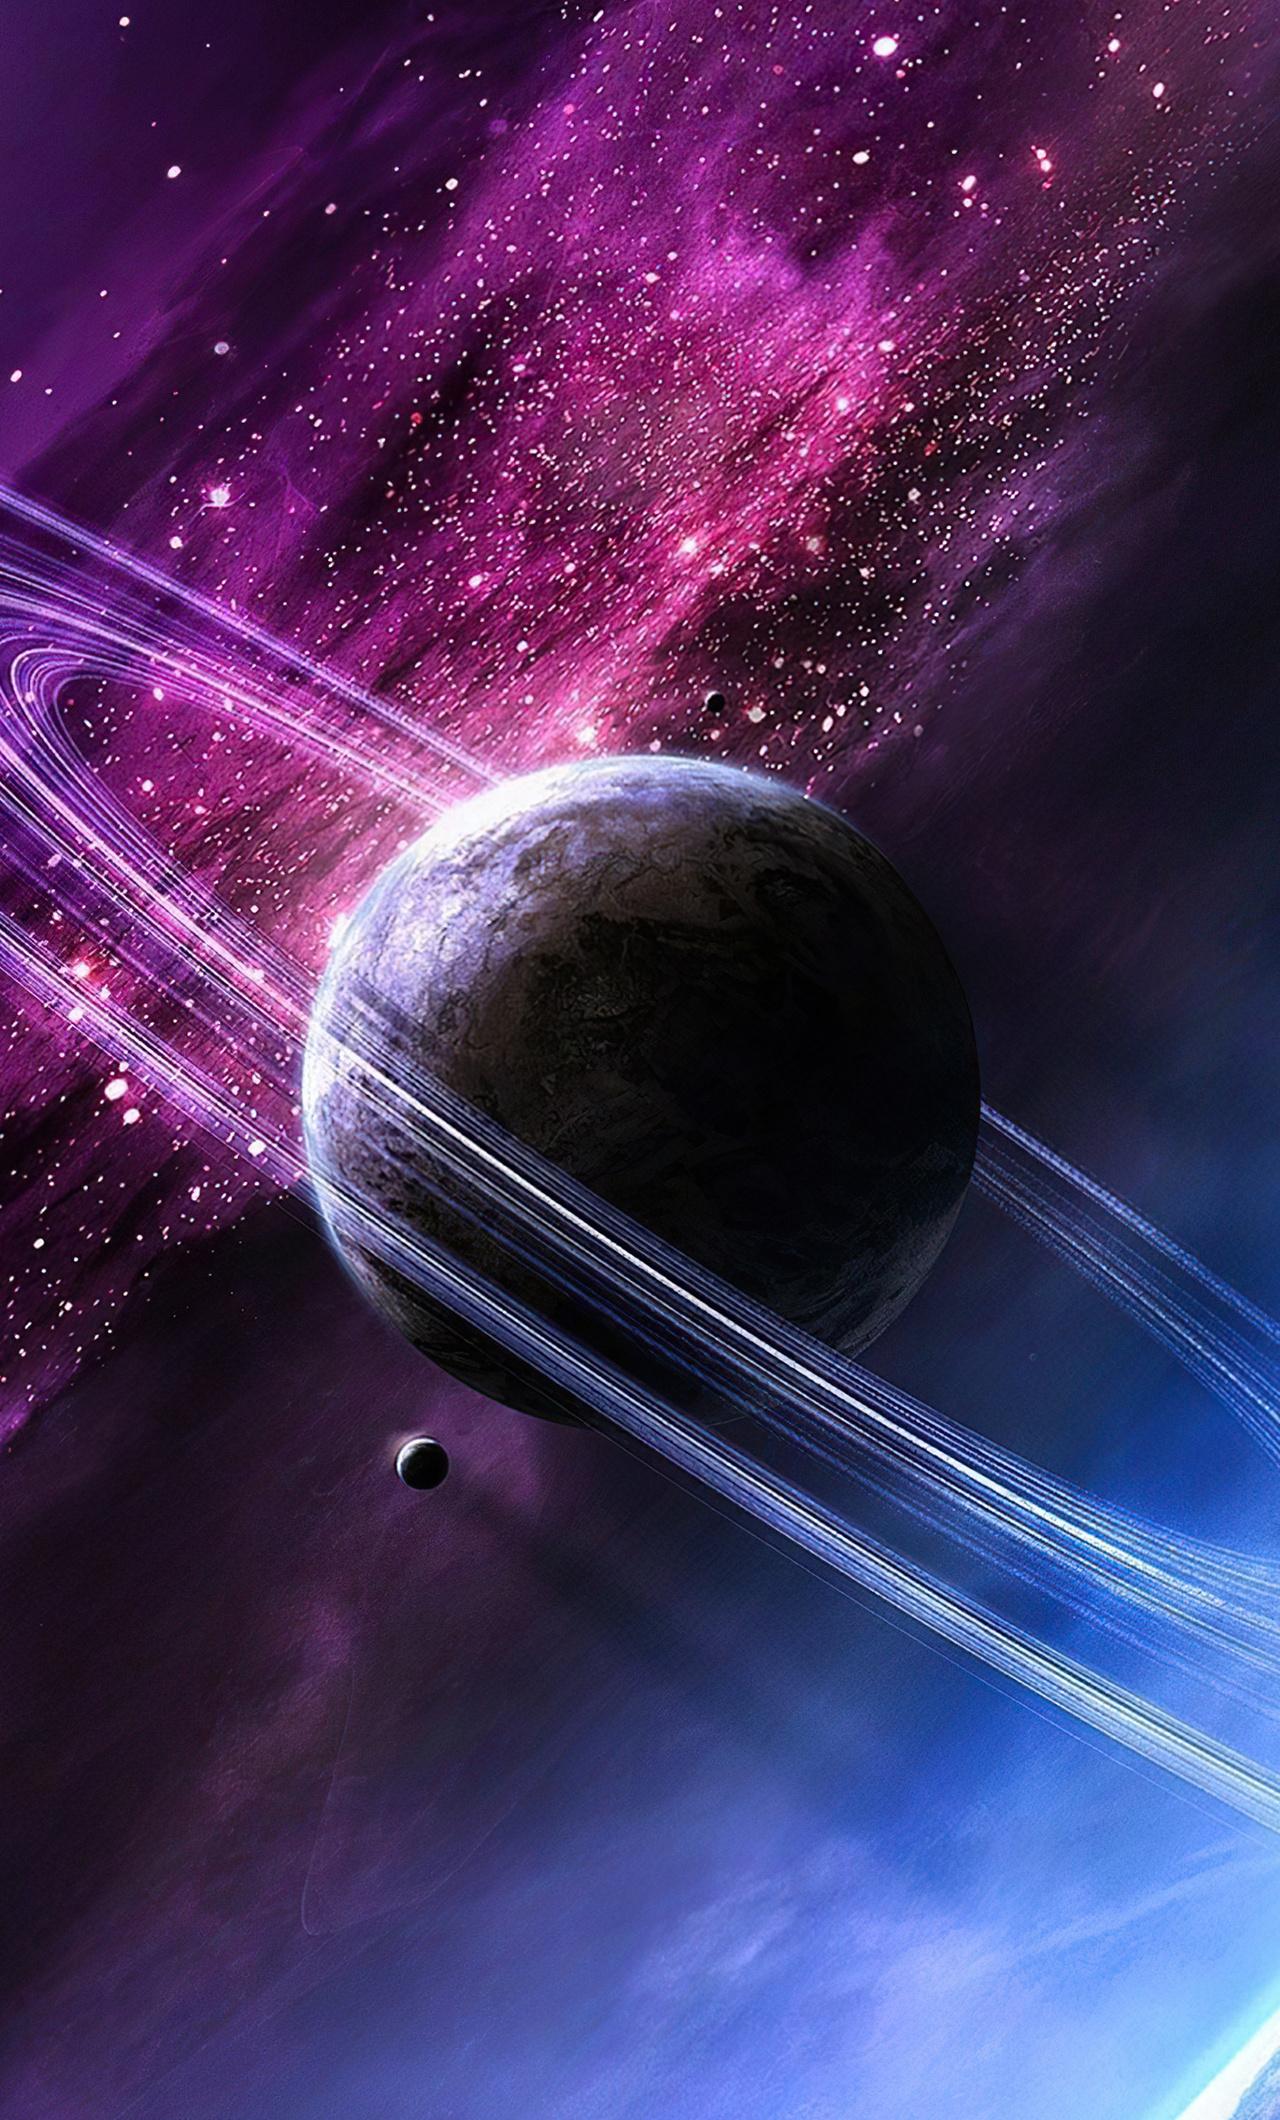 astronomy-space-4k-eg.jpg